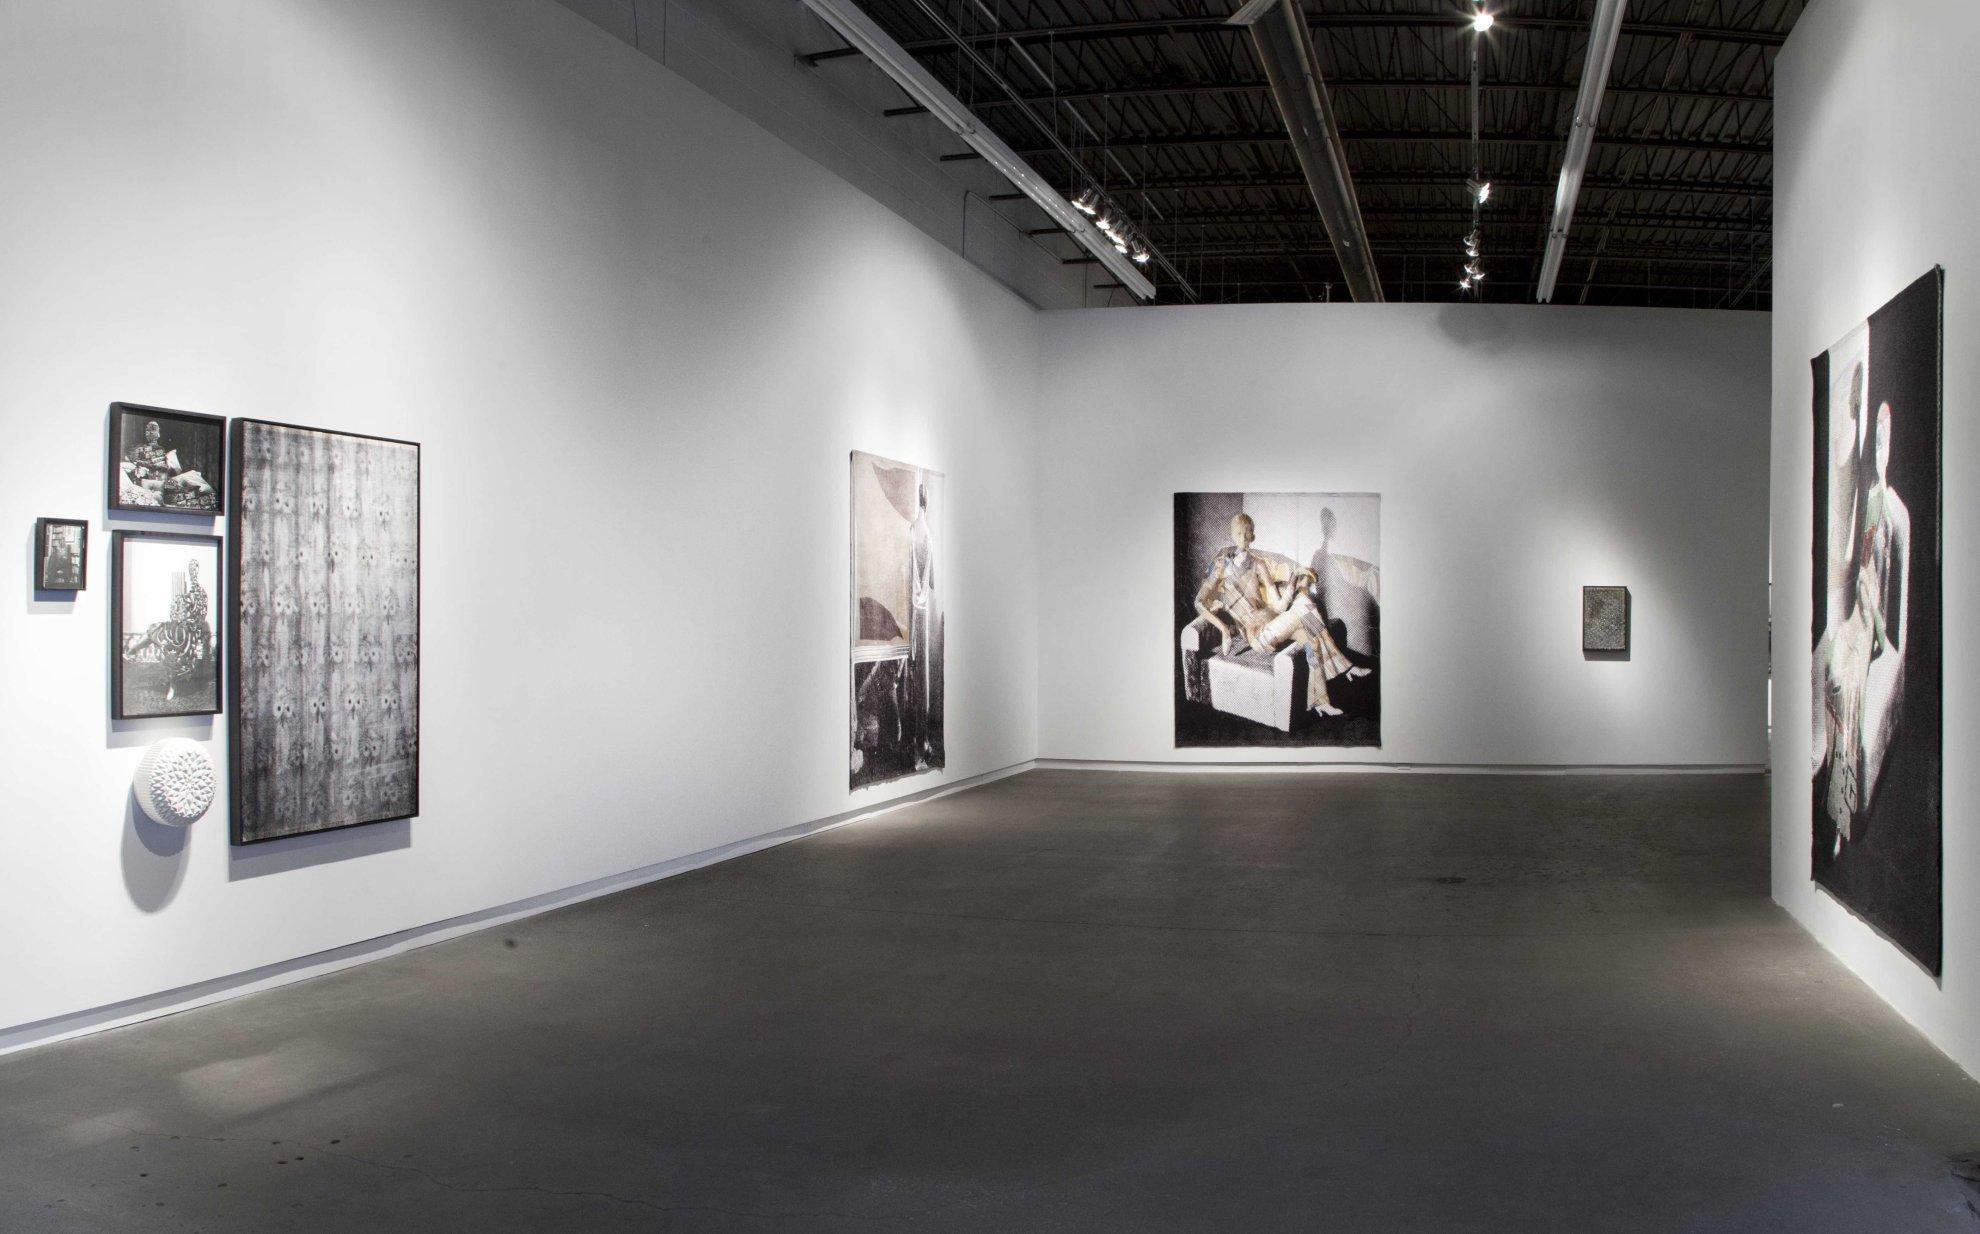 comix-more-amateur-galerie-famous